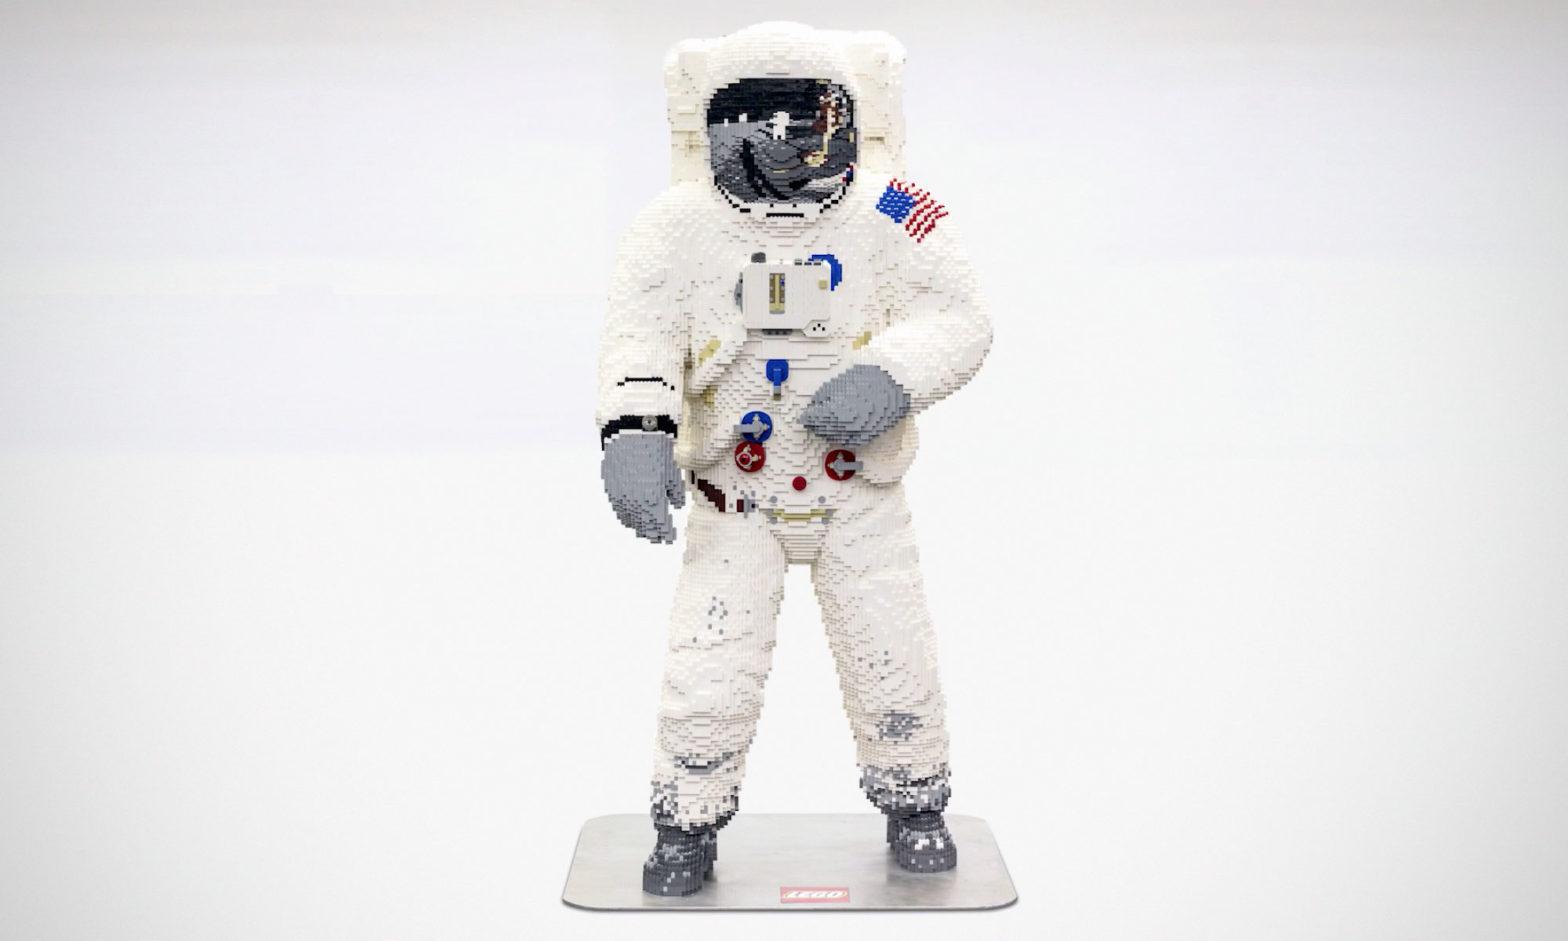 LEGO Life-size Apollo 11 Astronaut